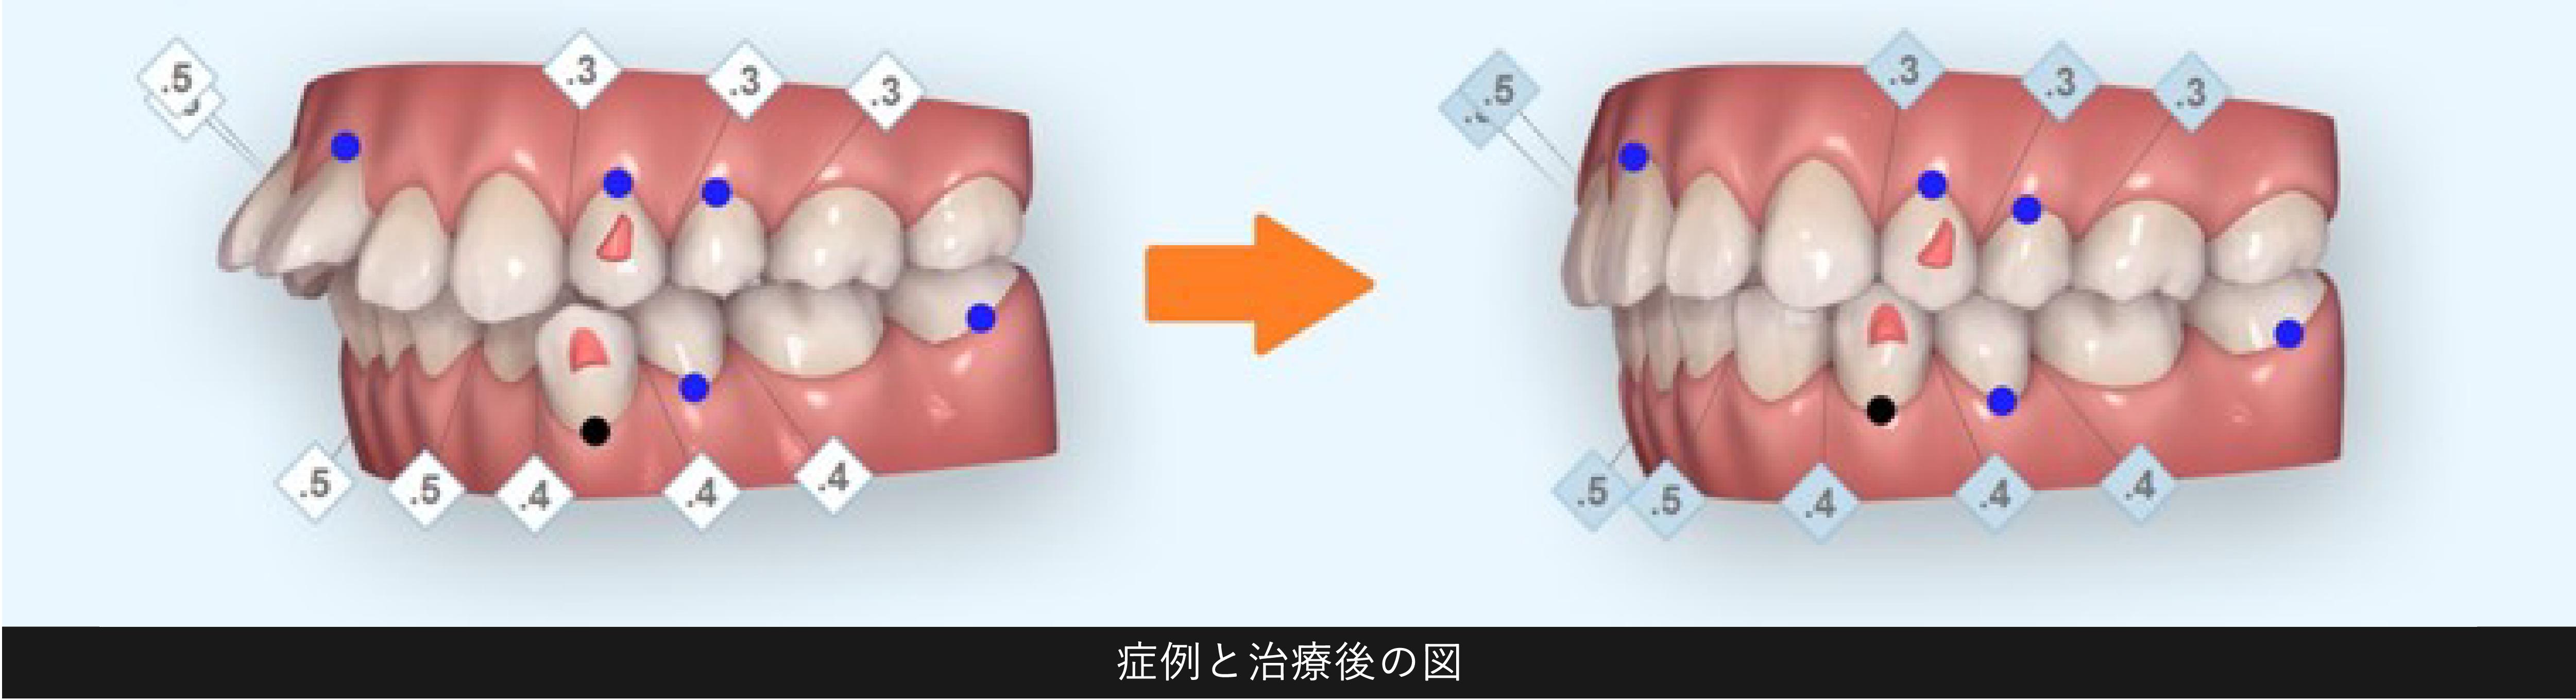 症例と治療後の図